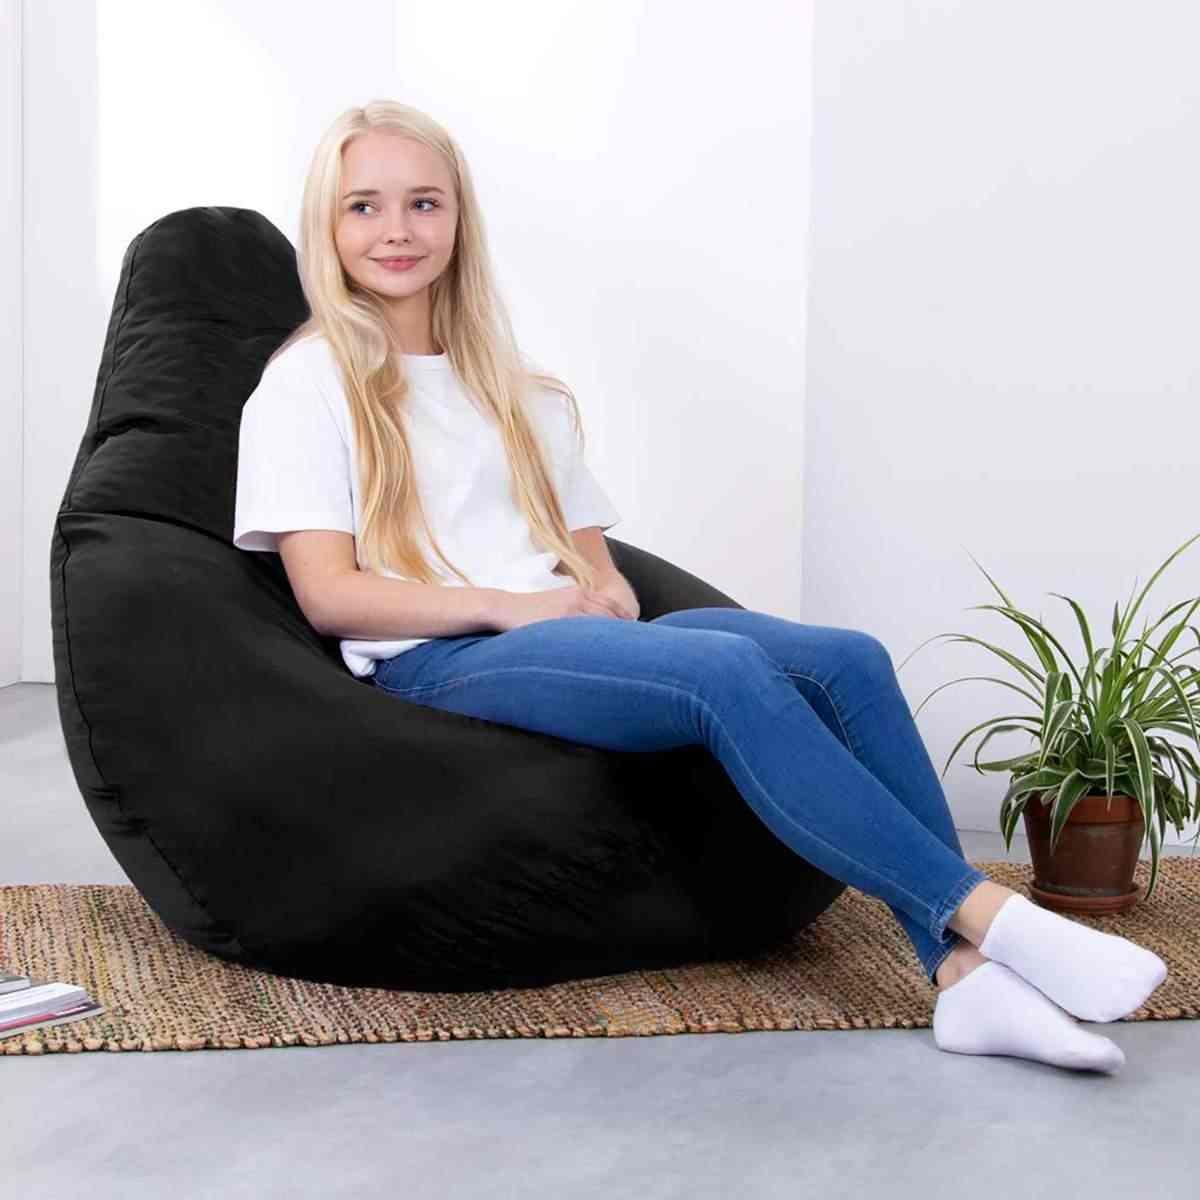 Grande Pequeno Preguiçoso BeanBag Sofás Cobrir Cadeiras sem Enchimento Oxford Pano Sopro Assento Do Saco De Feijão Pufe Espreguiçadeira Sofá Tatami Sala de Estar quarto